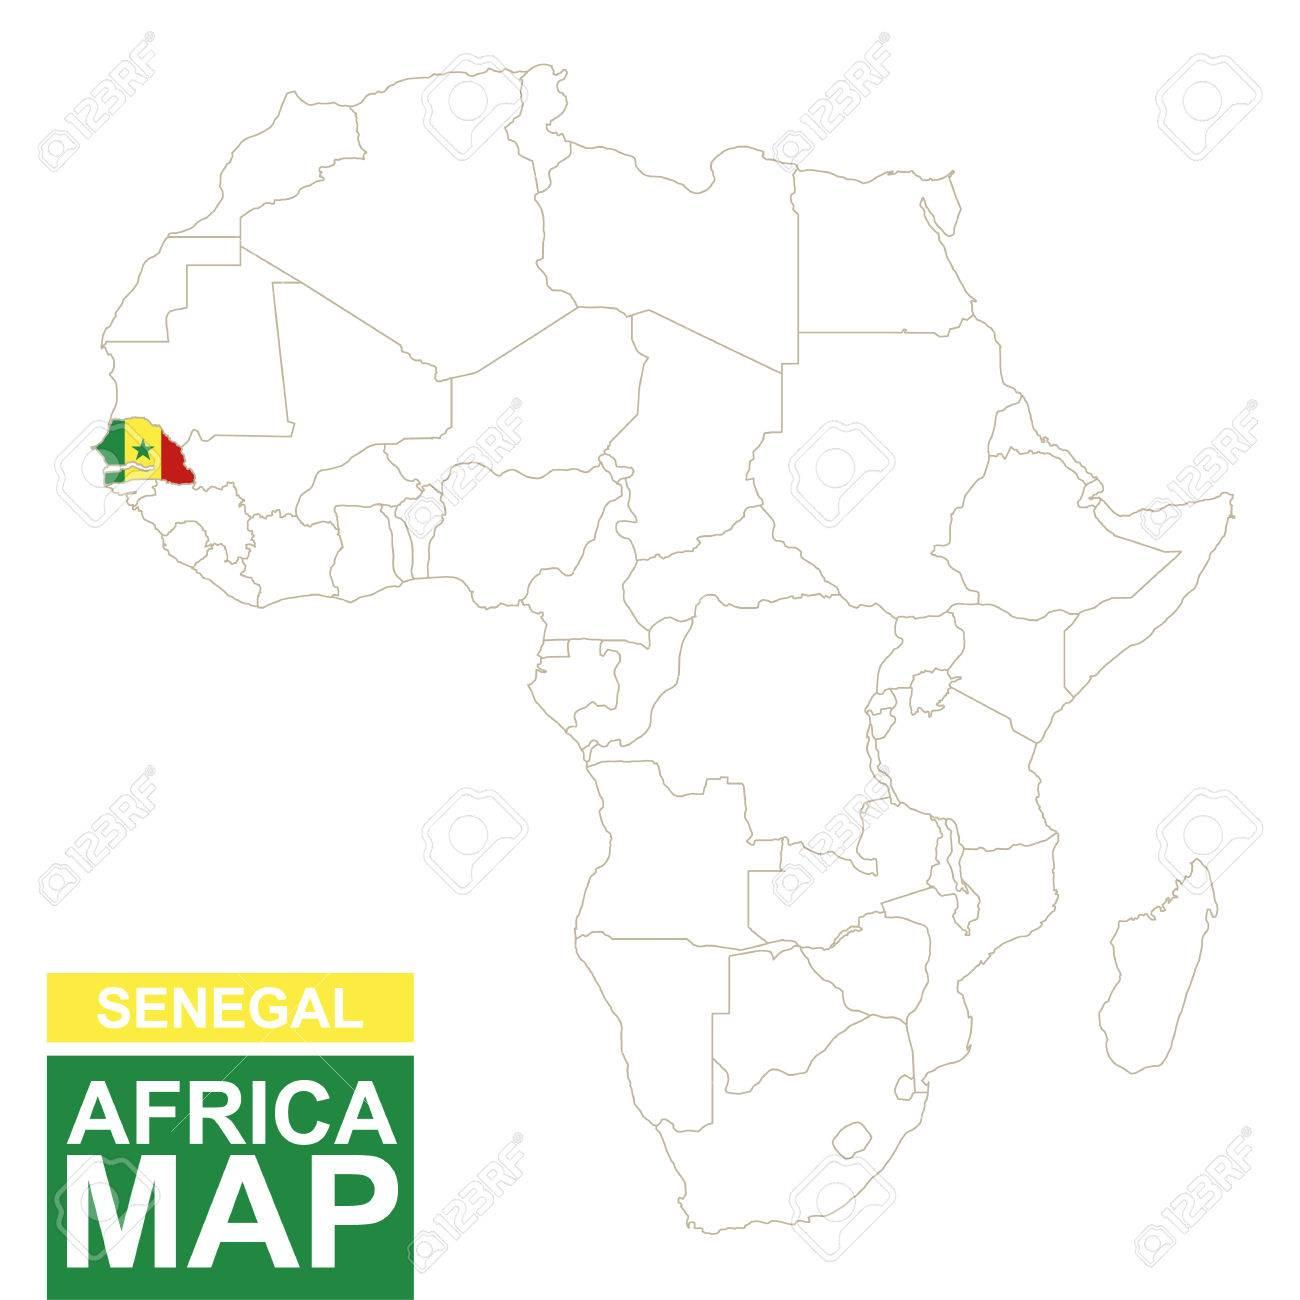 Mapa Contorneada Con áfrica Senegal Resaltado Senegal Mapa Y La Bandera En El Mapa De áfrica Ilustración Del Vector